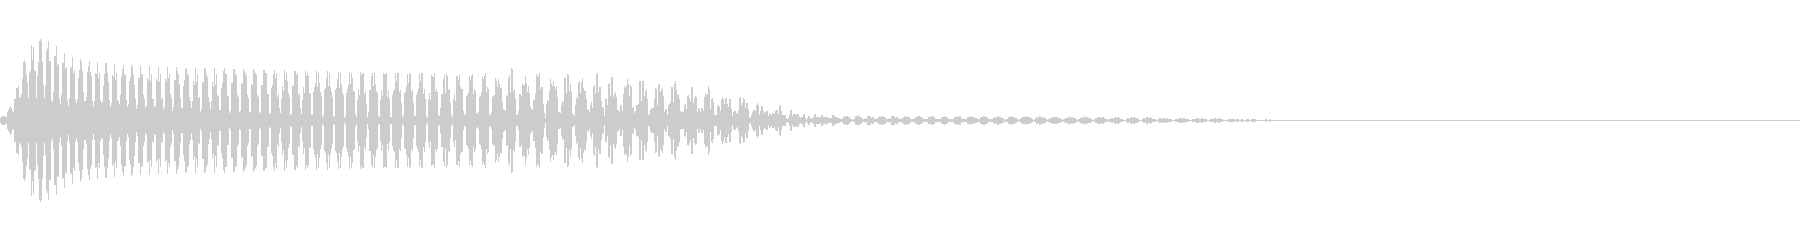 落下やキャンセルに使えるシンプルな音ですの未再生の波形